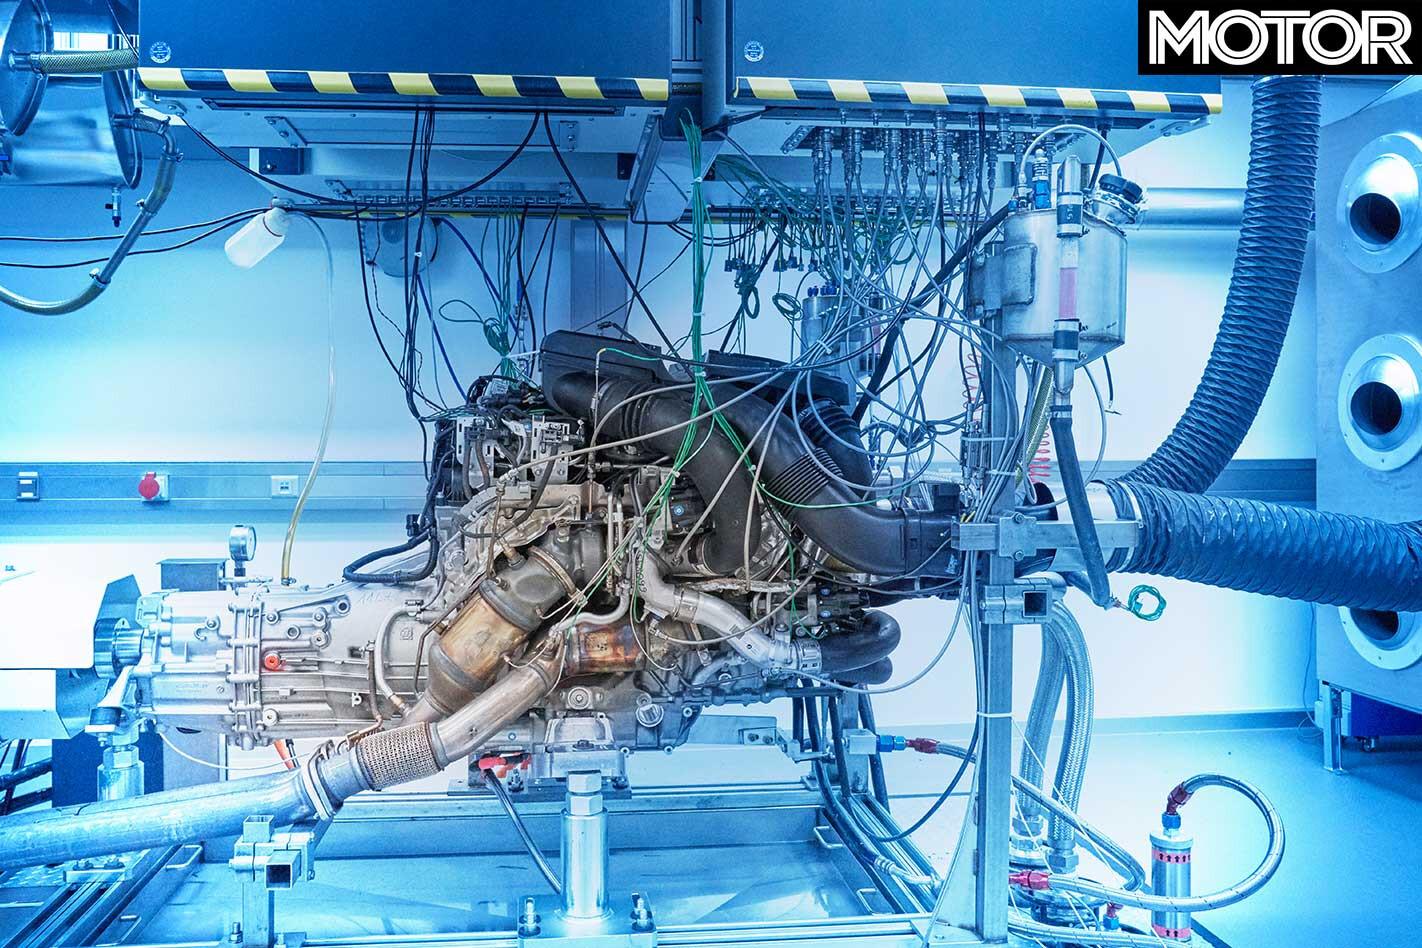 2020 BMW M 3 Engine Emissions Test Jpg